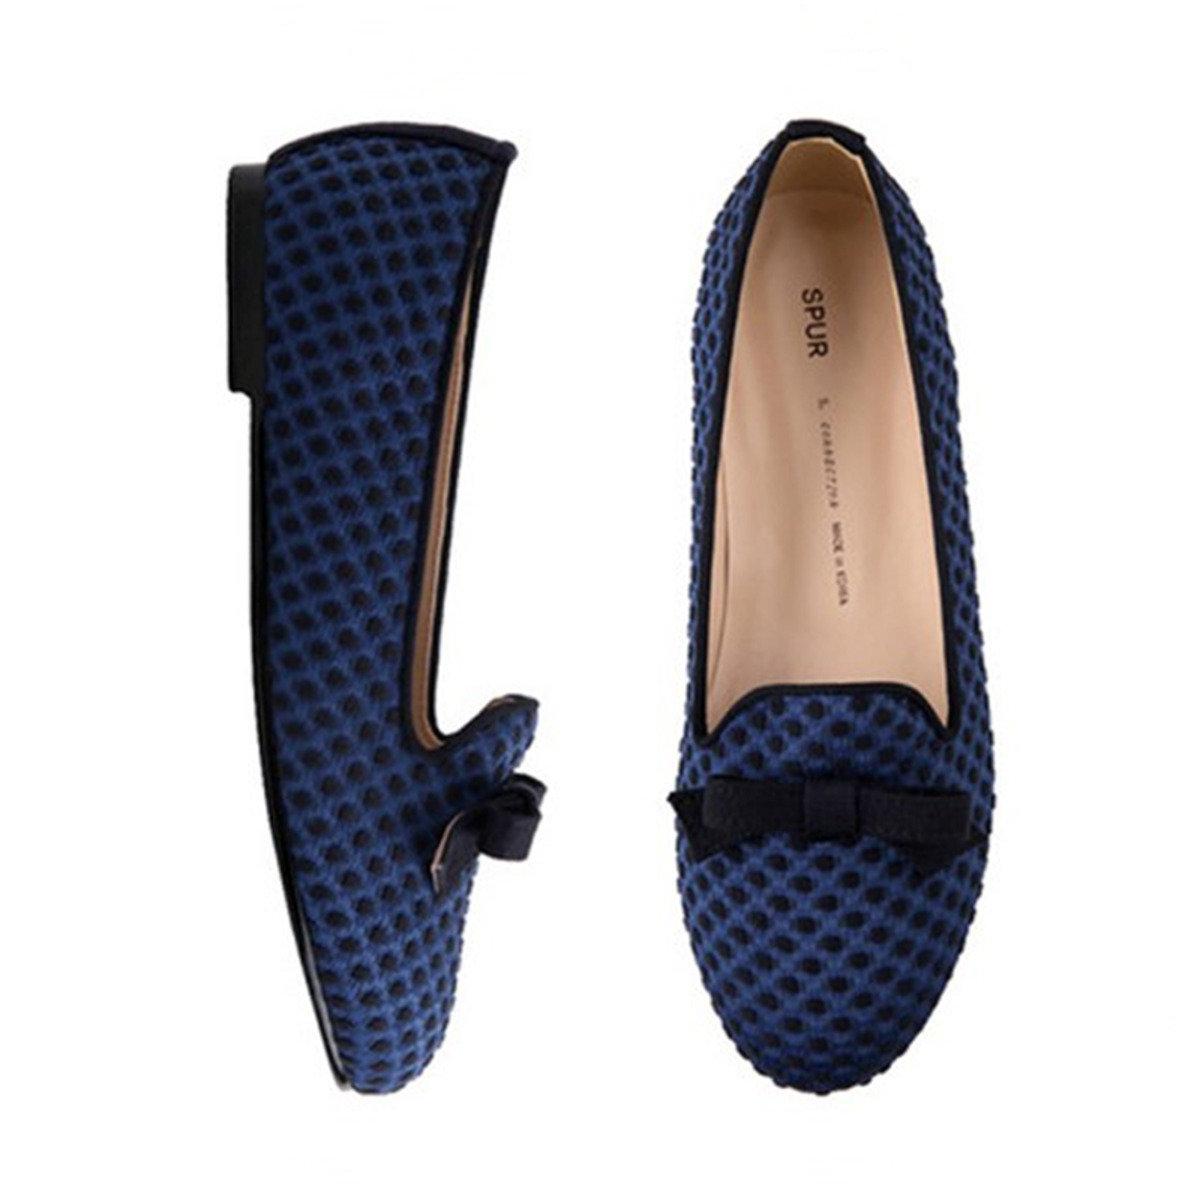 蝴蝶結波點平底鞋